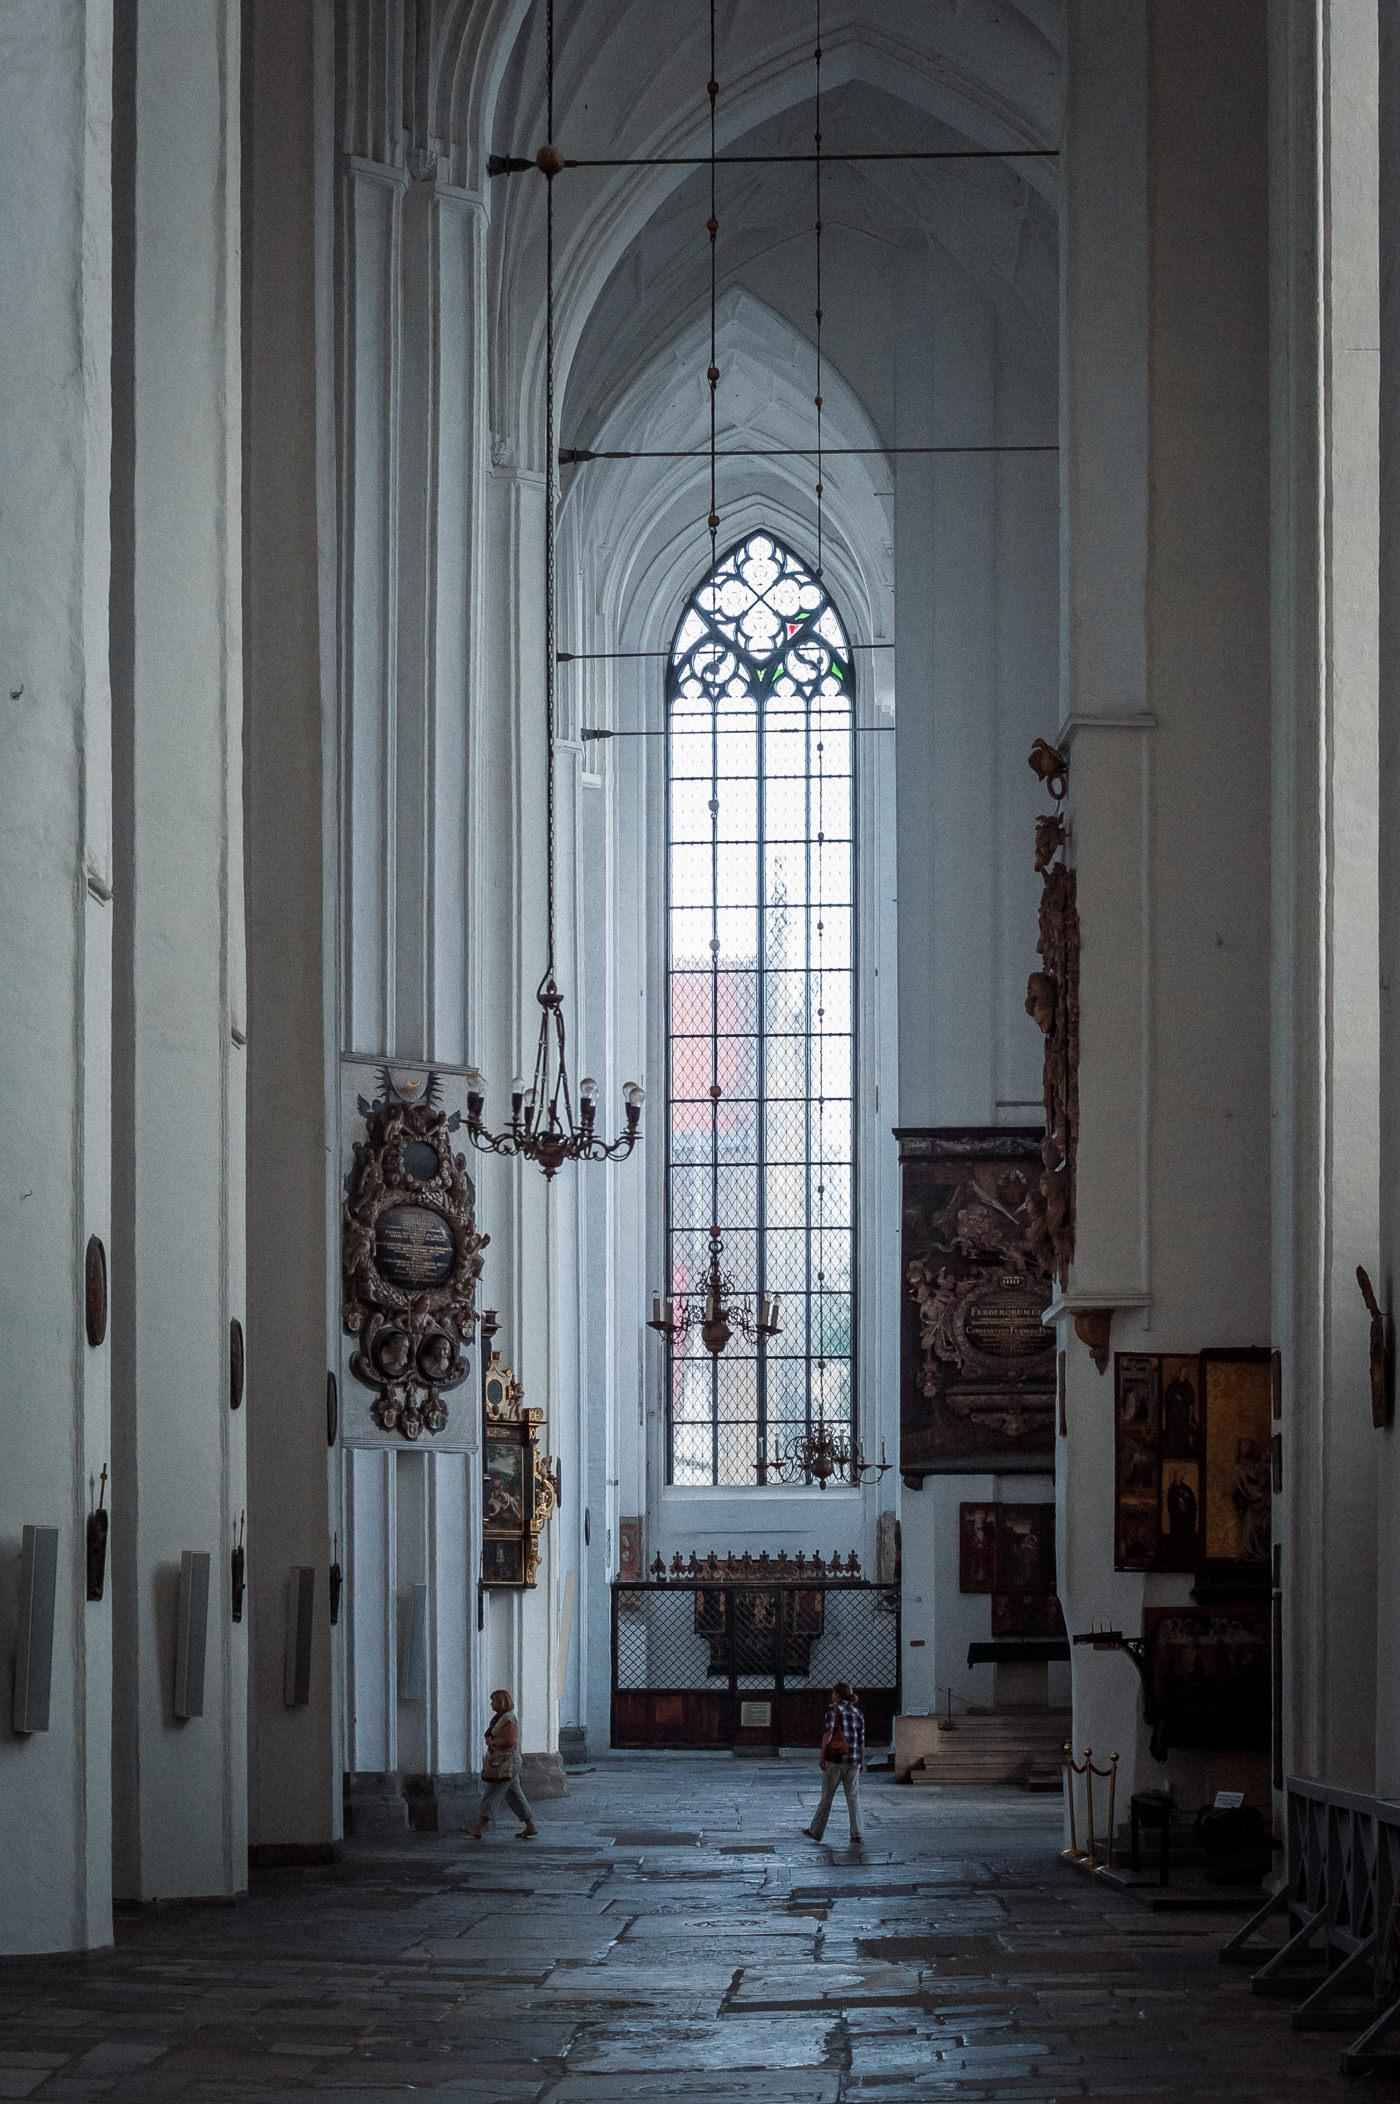 Rozmiar transeptu kościoła mariackiego w Gdańsku w porównaniu do wielkości człowieka